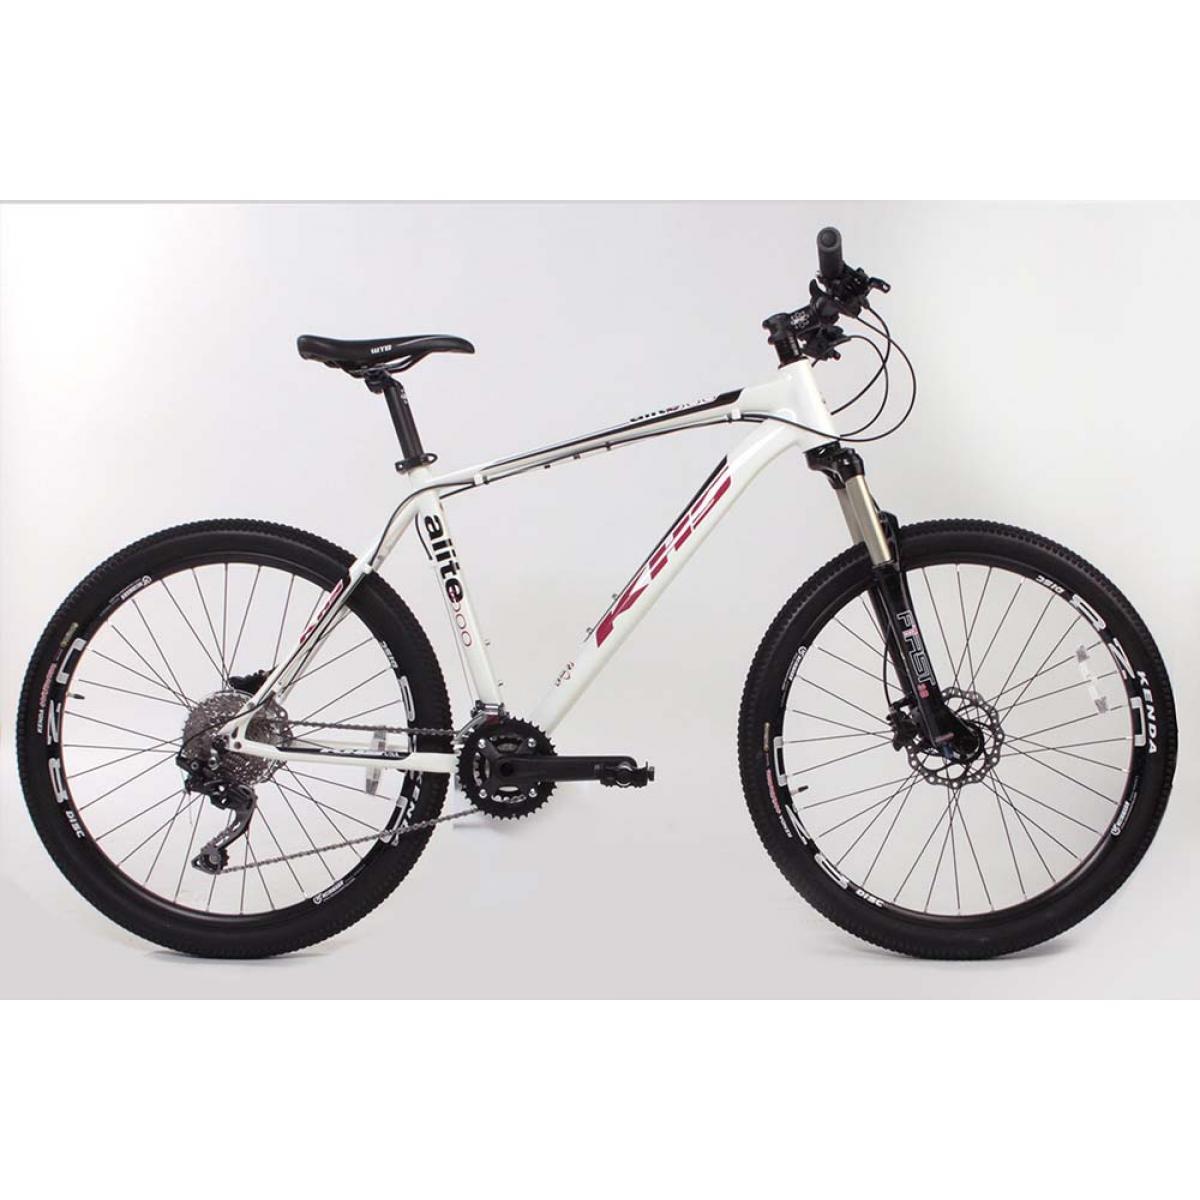 Велосипед горный KHS Alite 1000 2016, цвет: белый, рама 15, колесо 26258585